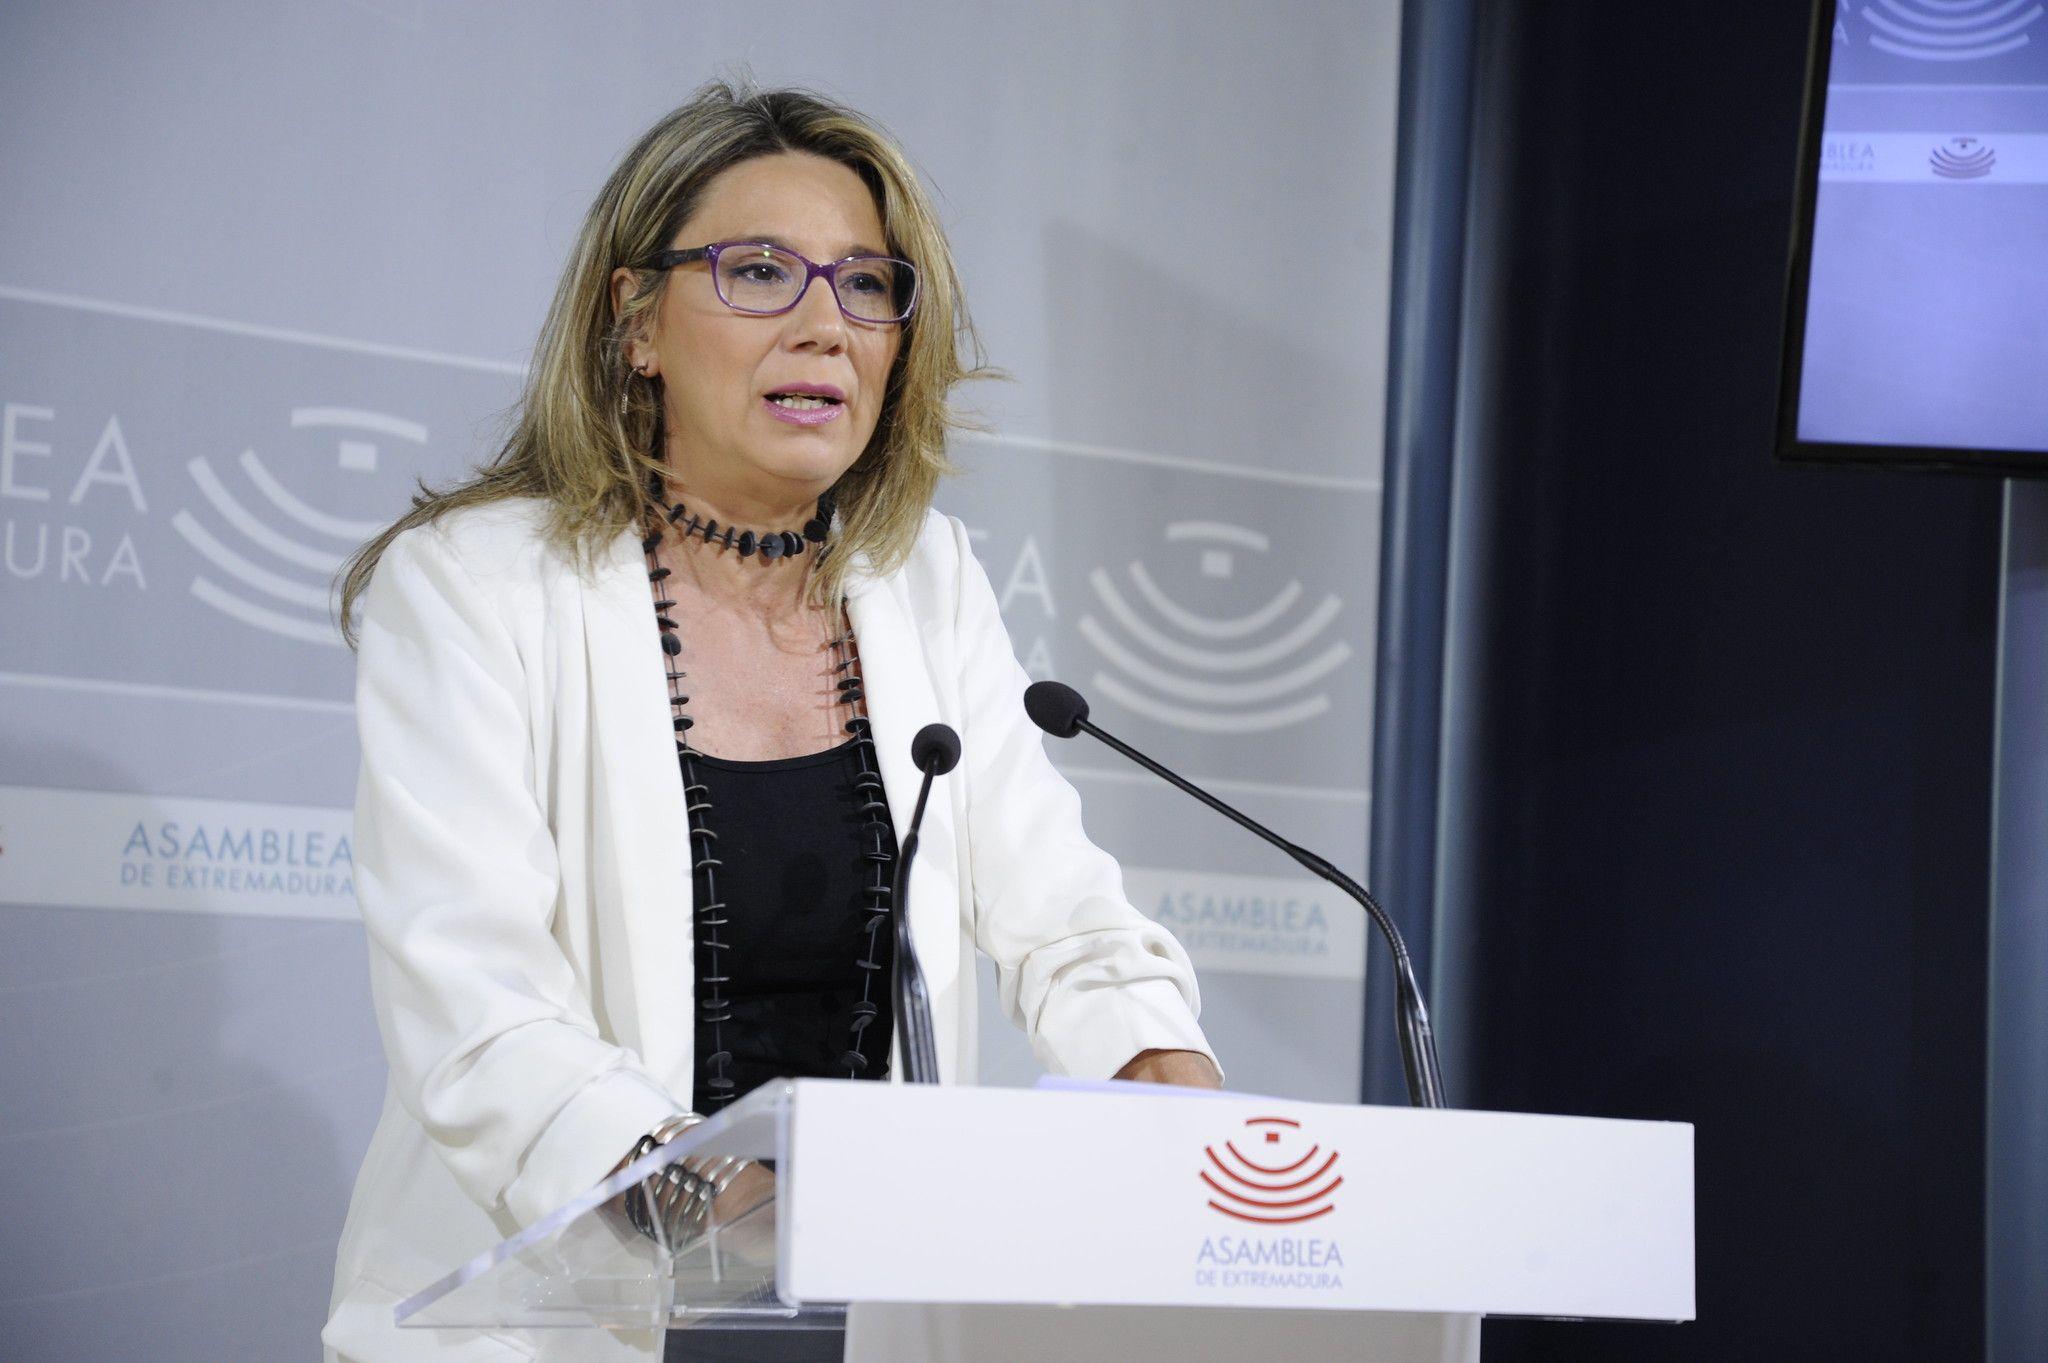 Teniente, Partido Popular: Hay que rescindir el contrato de las ambulancias Tenorio ante las irregularidades y abusos